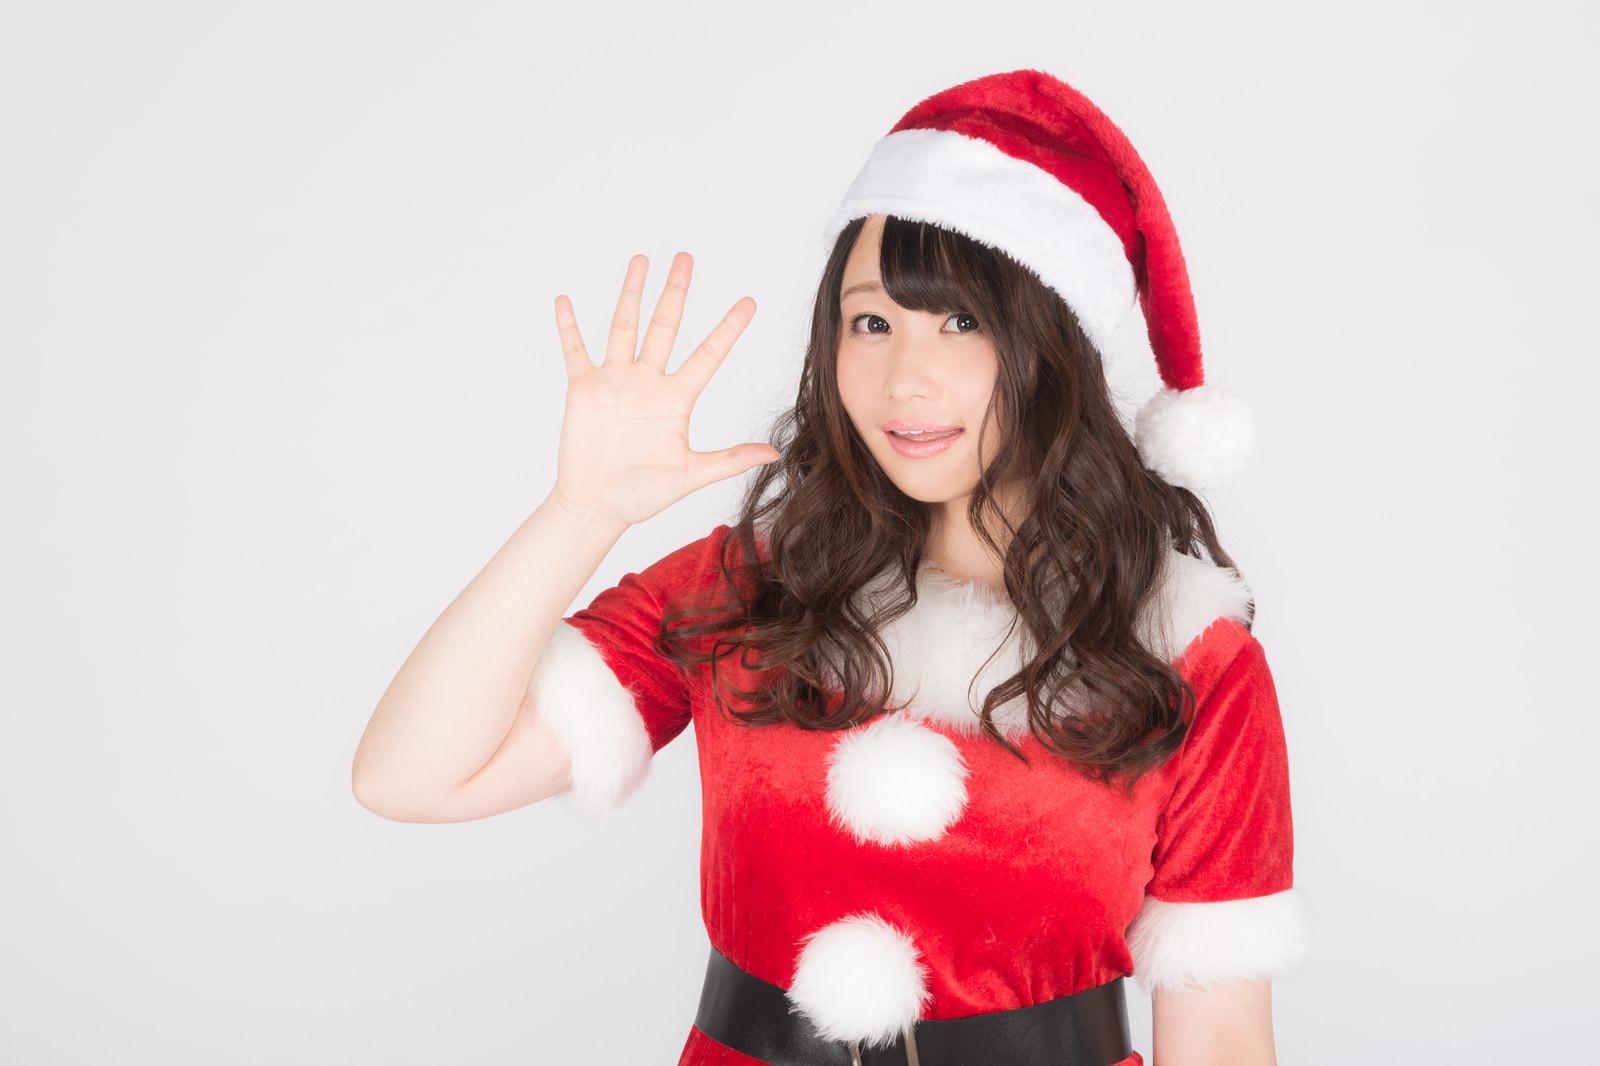 「社畜のみなさーん!あと5日でクリスマスですよ!社畜のみなさーん!あと5日でクリスマスですよ!」[モデル:茜さや]のフリー写真素材を拡大